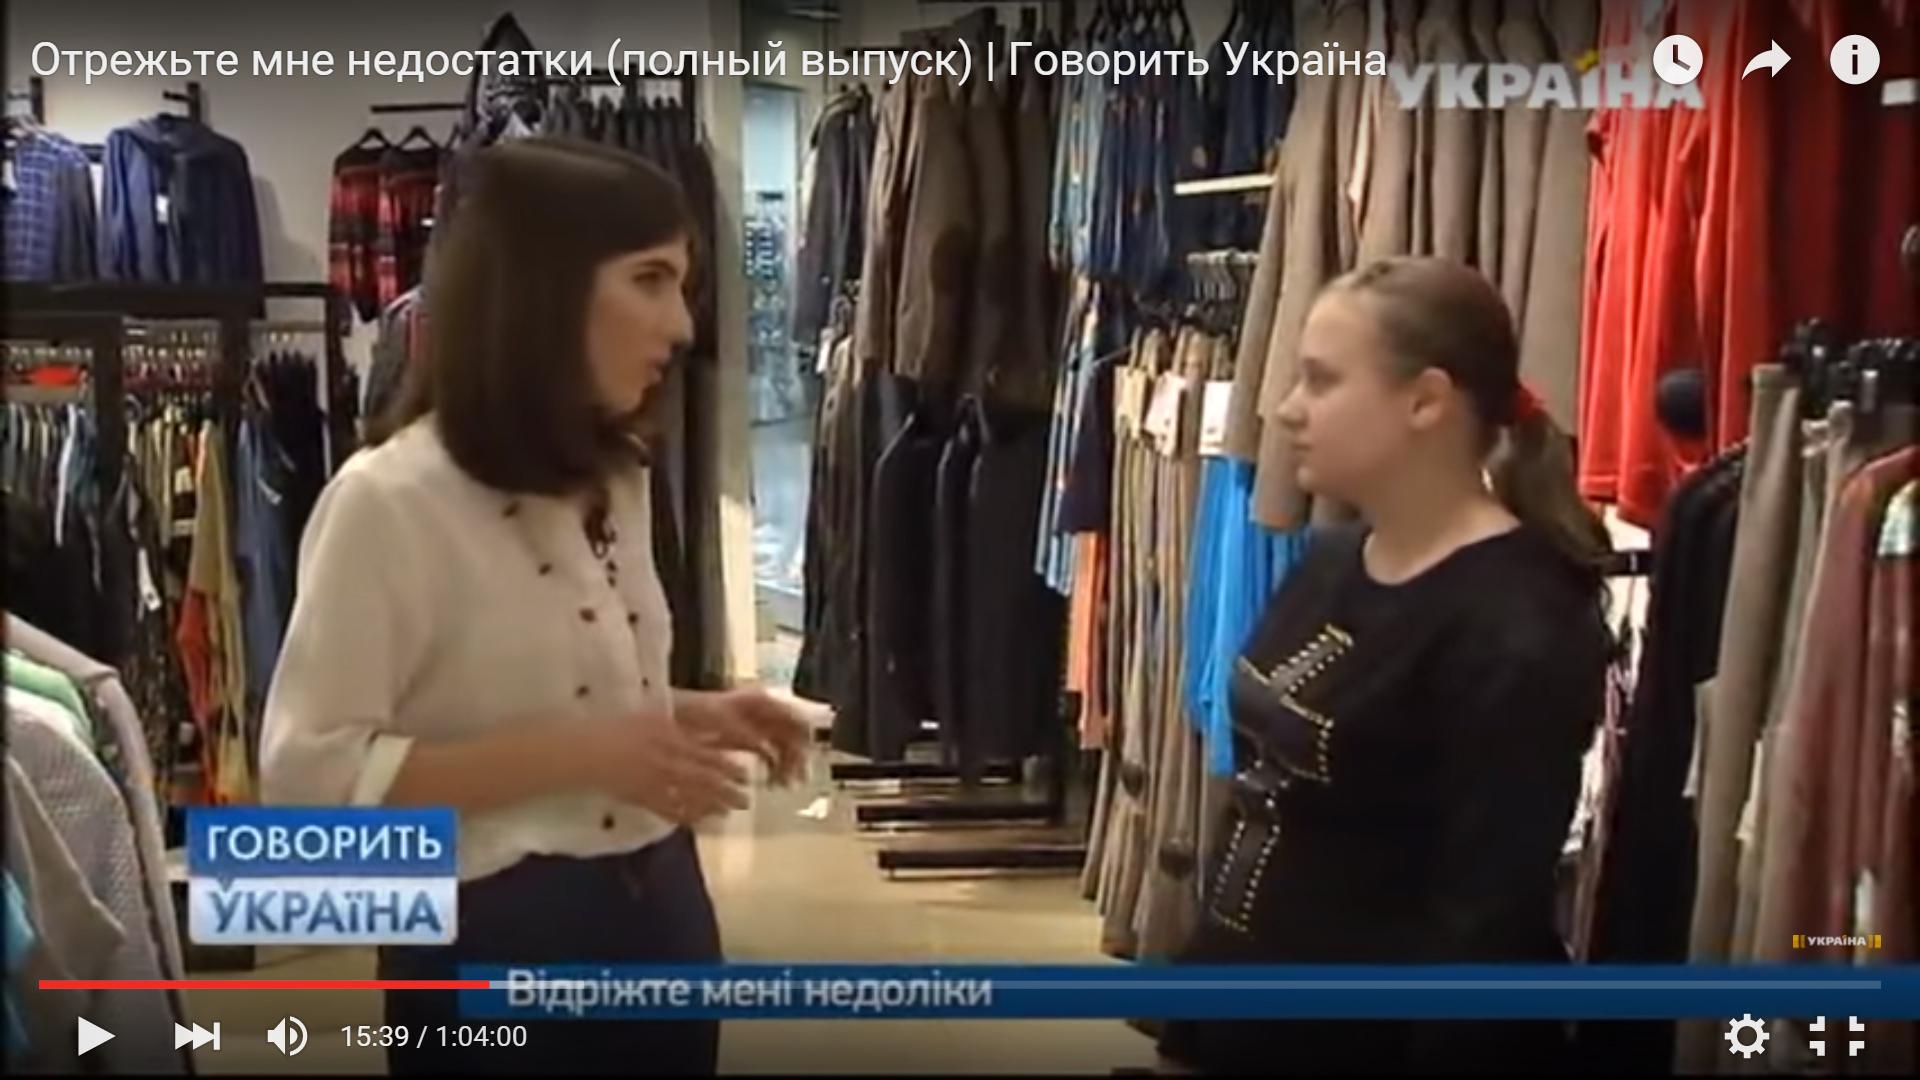 ток-шоу Говорит Украина